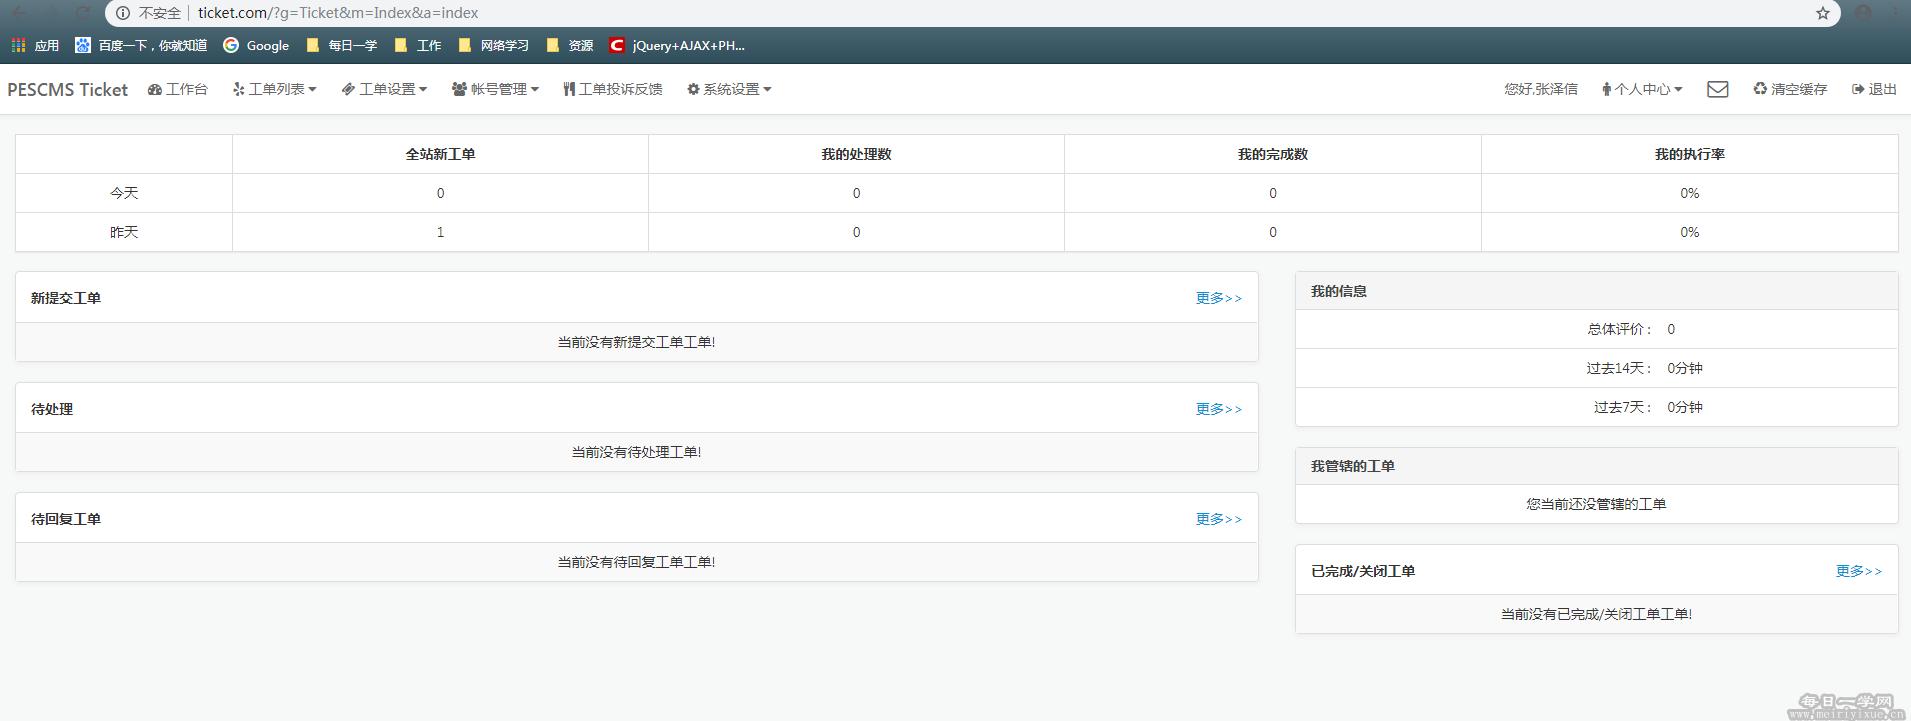 PESCMS TICKET客服工单系统源码,支持企业微信消息对接 源码下载 第5张